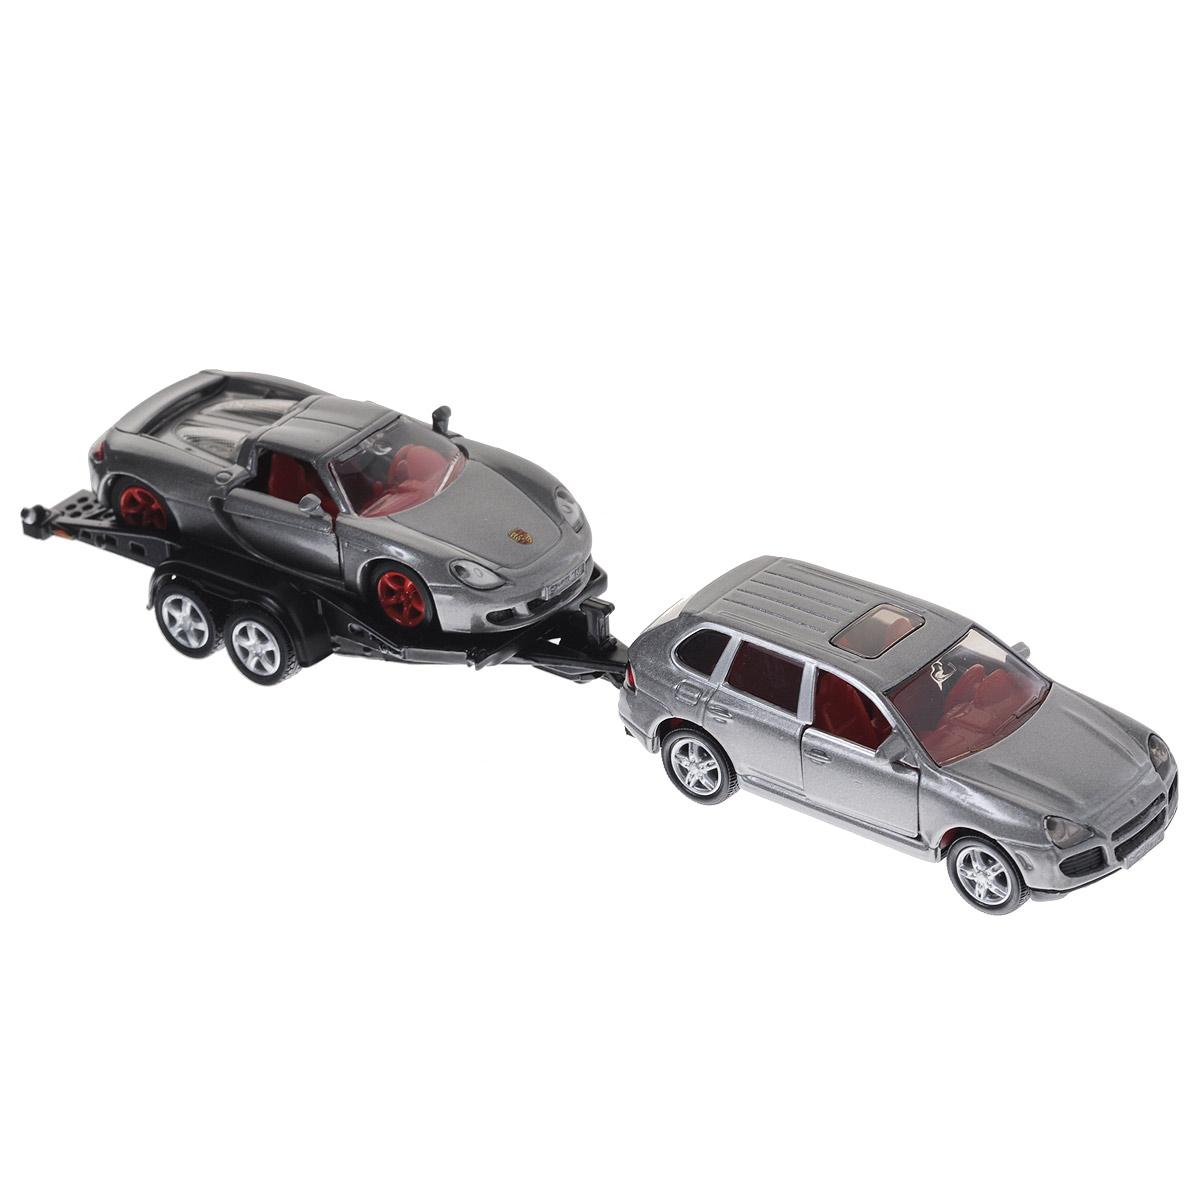 Siku Модель автомобиля Porsche Cayenne Turbo с прицепом и Porsche GT2544Коллекционная модель Siku Машина с прицепом выполнена в виде точной копии автомобиля с прицепом в масштабе 1/55. Такая модель понравится не только ребенку, но и взрослому коллекционеру и приятно удивит вас высочайшим качеством исполнения. В комплект входят 2 машинки и прицеп. Корпус модели выполнен из металла, стекла кабины водителя изготовлены из прочного прозрачного пластика, колесики - из резины. Колесики машинок и прицепа вращаются. Дверцы обоих машинок открываются, прицеп отцепляется, спортивный автомобиль может съезжать с прицепа. Коллекционная модель отличается великолепным качеством исполнения и детальной проработкой, она станет не только интересной игрушкой для ребенка, интересующегося автотехникой, но и займет достойное место в любой коллекции.